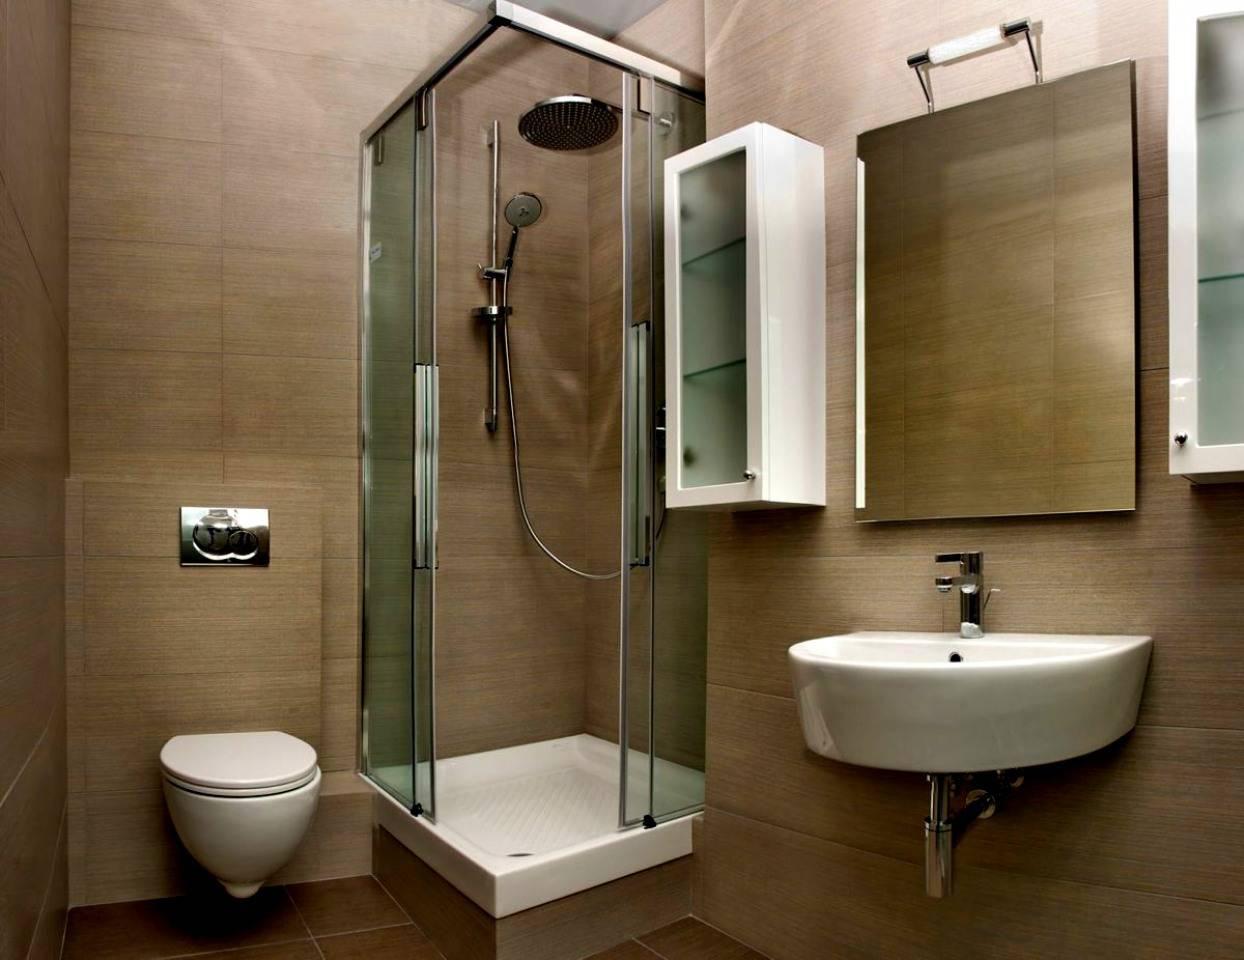 Tư vấn thiết kế nhà ở gia đình có đông thành viên với diện tích (3x10m), chi phí khoảng 670 triệu đồng - Ảnh 13.